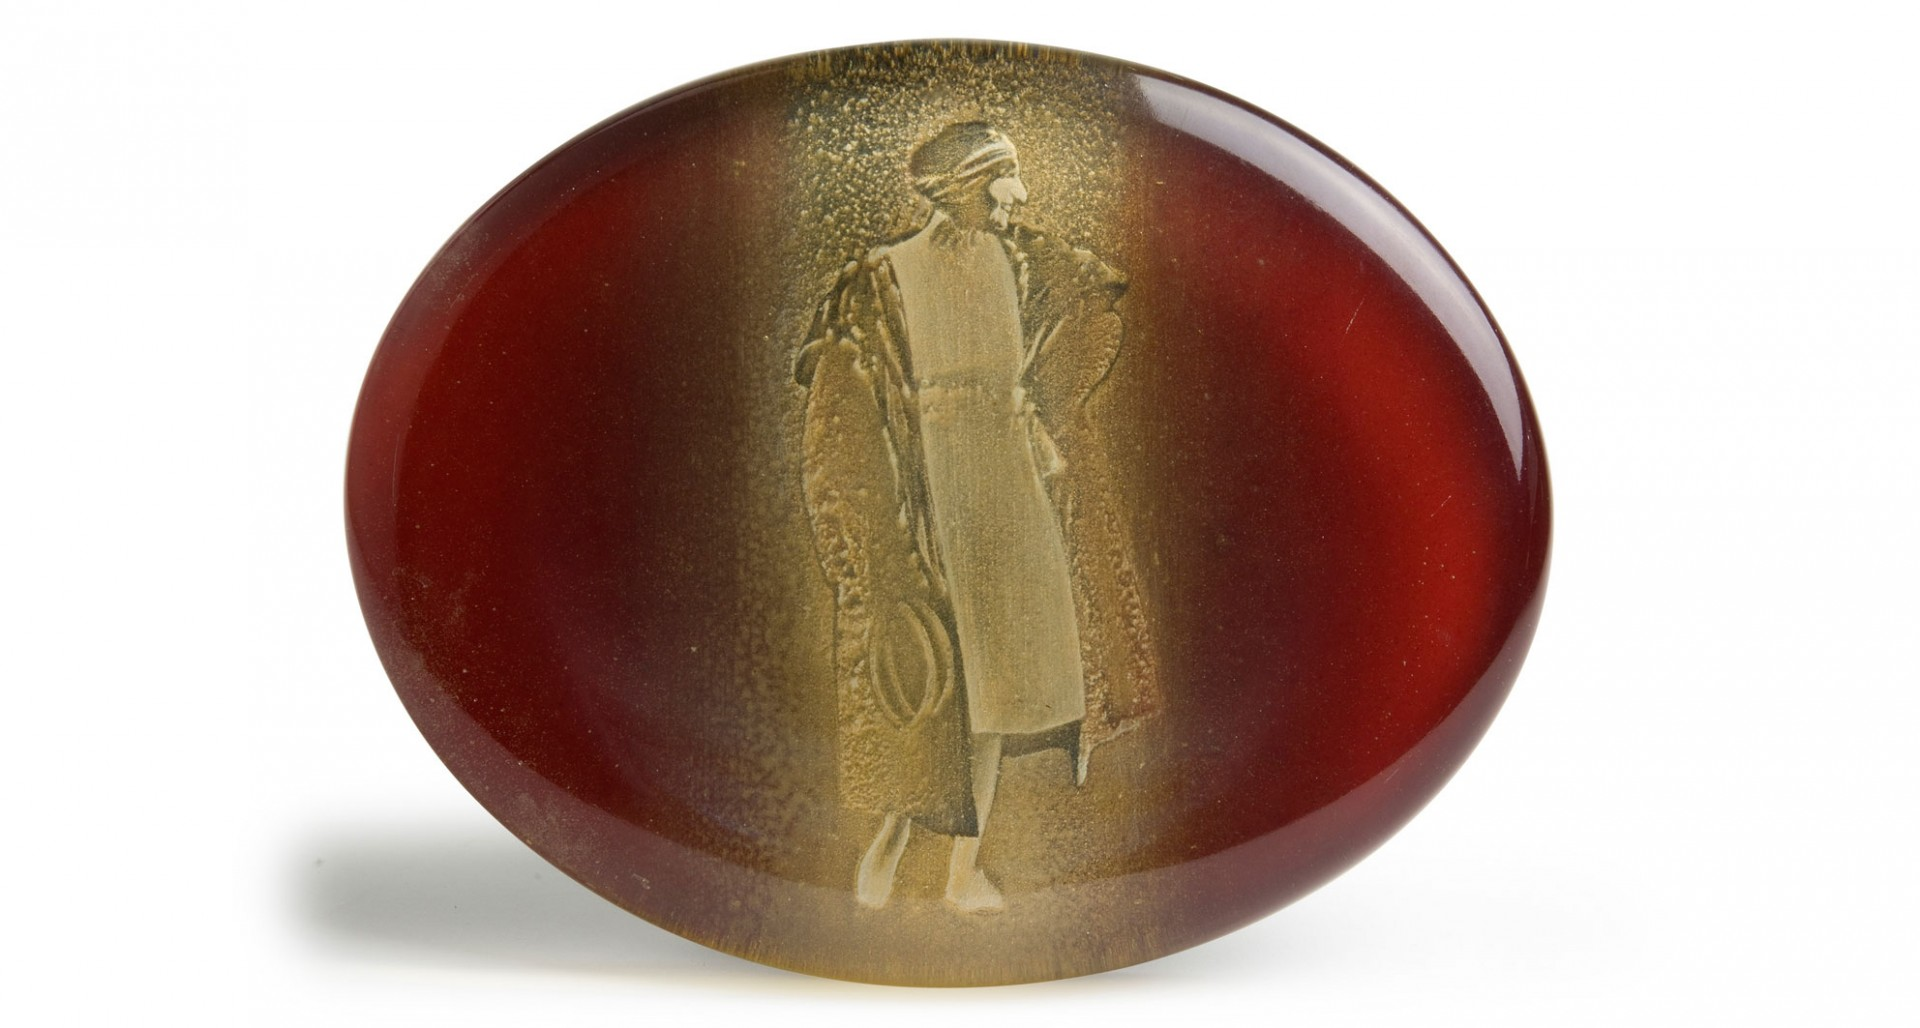 Suzanne rosso Cina 2004 - cm 18,5x14,5 - acrylic, epoxy glazing